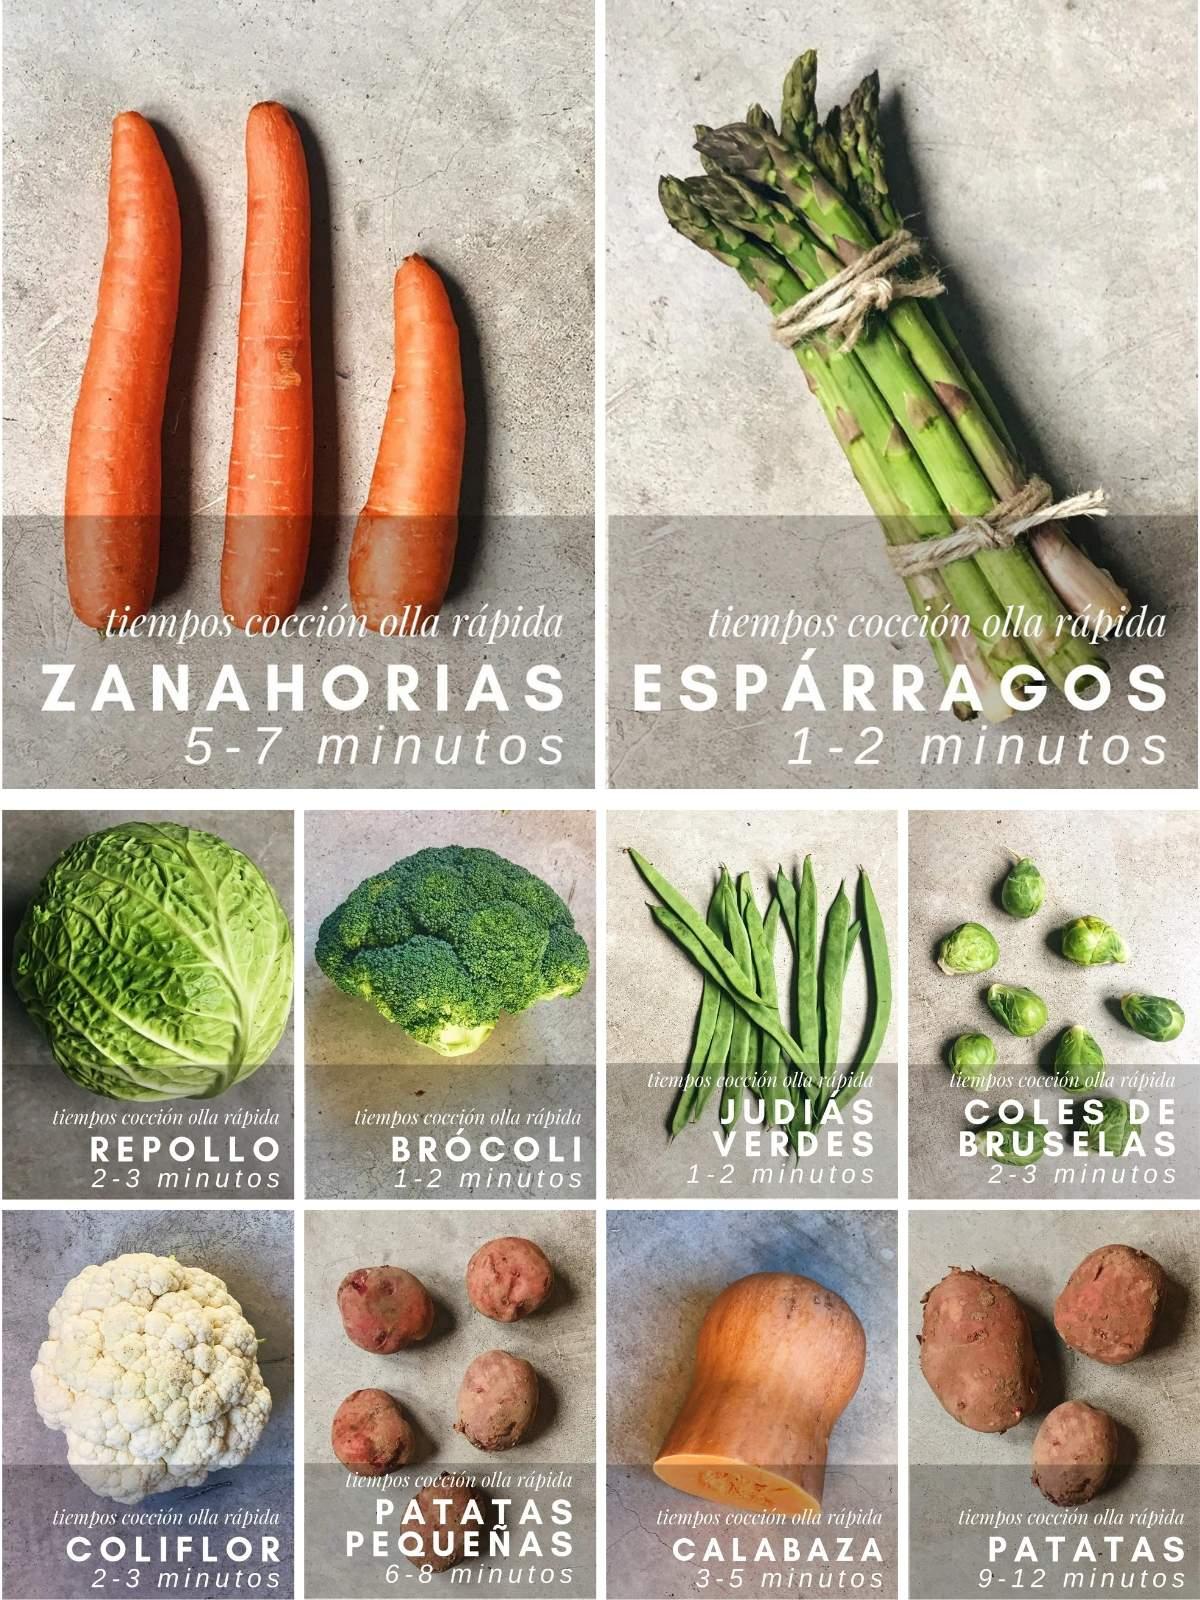 ¿Cuáles son los tiempos de cocción de las verduras?